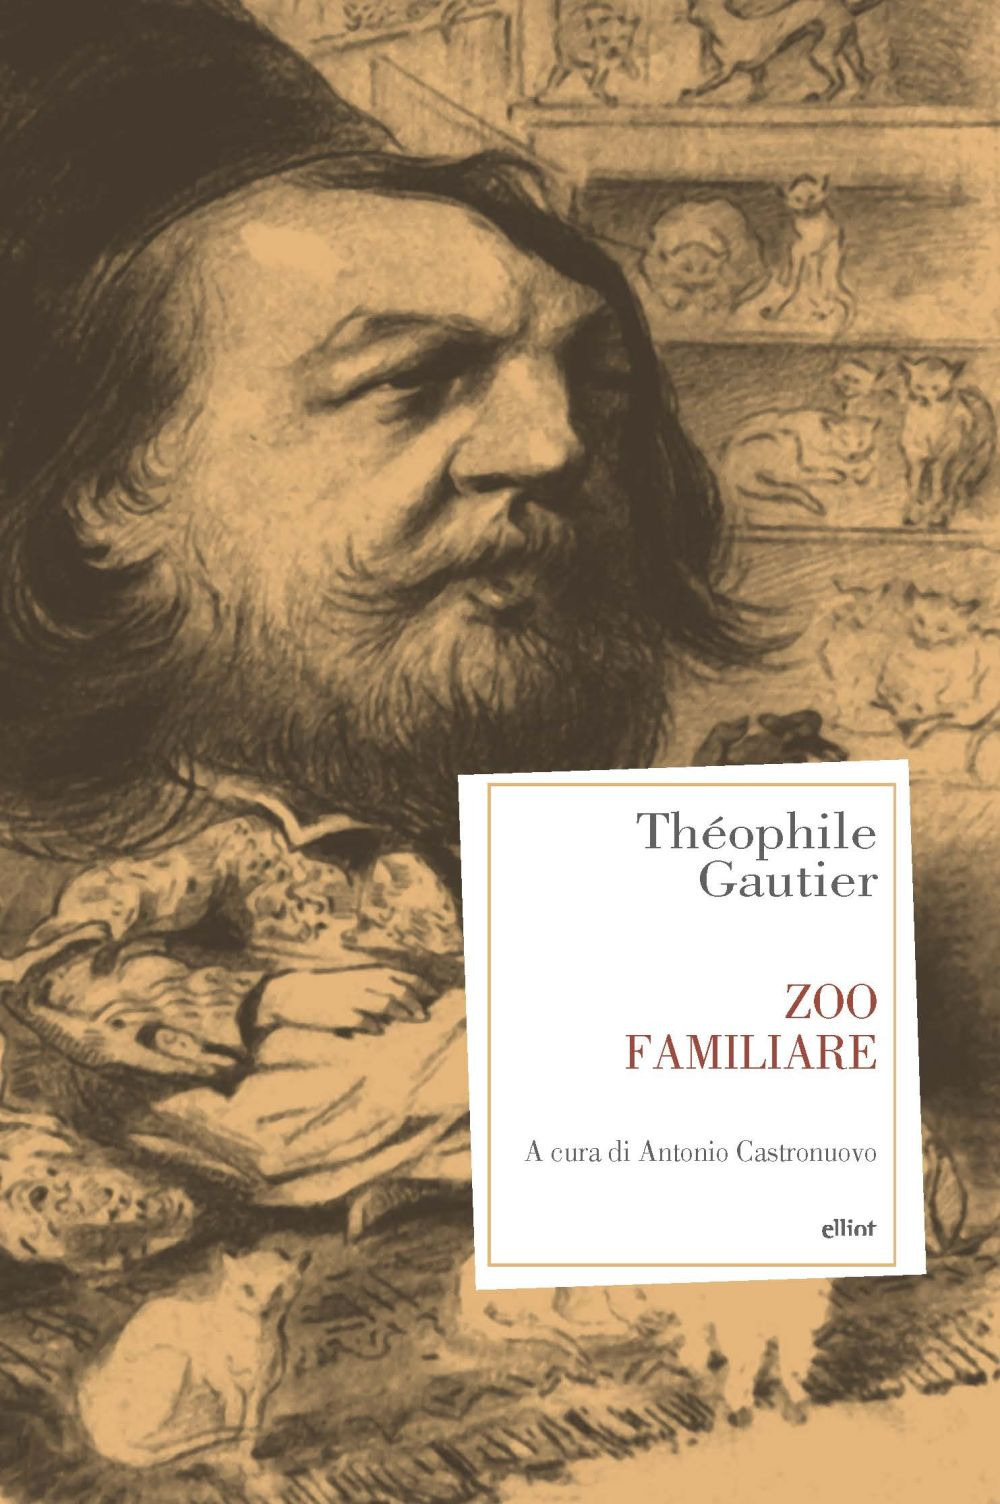 ZOO FAMILIARE - Gautier Théophile - 9788892760110